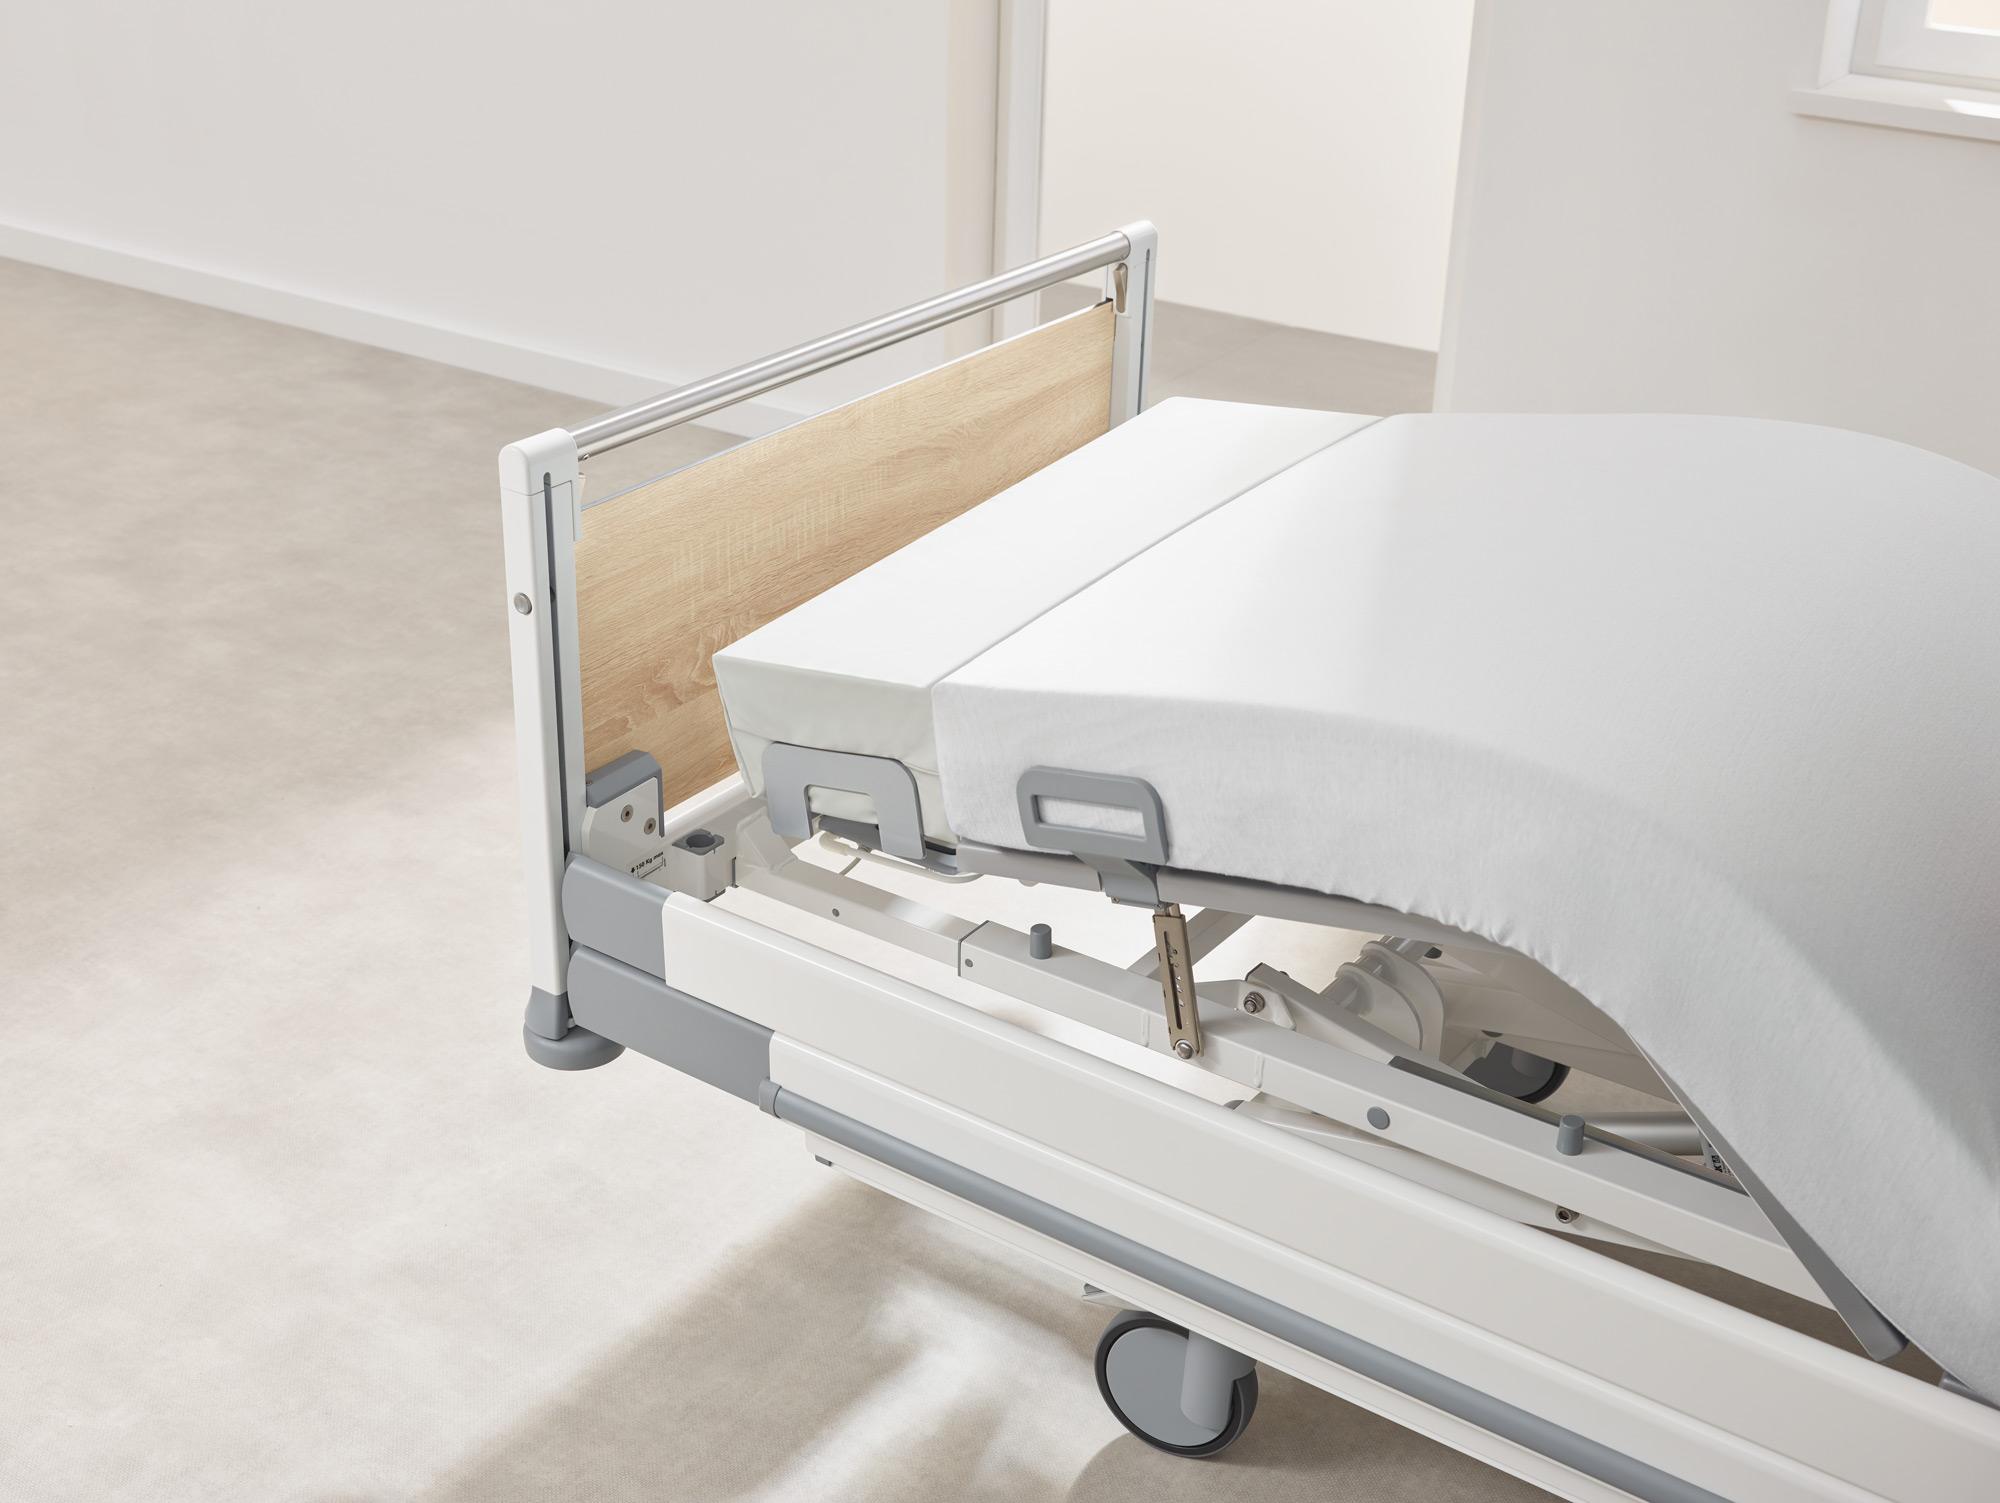 Full Size of Krankenhaus Bett Seta Pro Das Klassische Krankenhausbett Weiterentwickelt Massiv 180x200 140x200 Mit Bettkasten Schubladen 90x200 Weiß Musterring Betten Bett Krankenhaus Bett